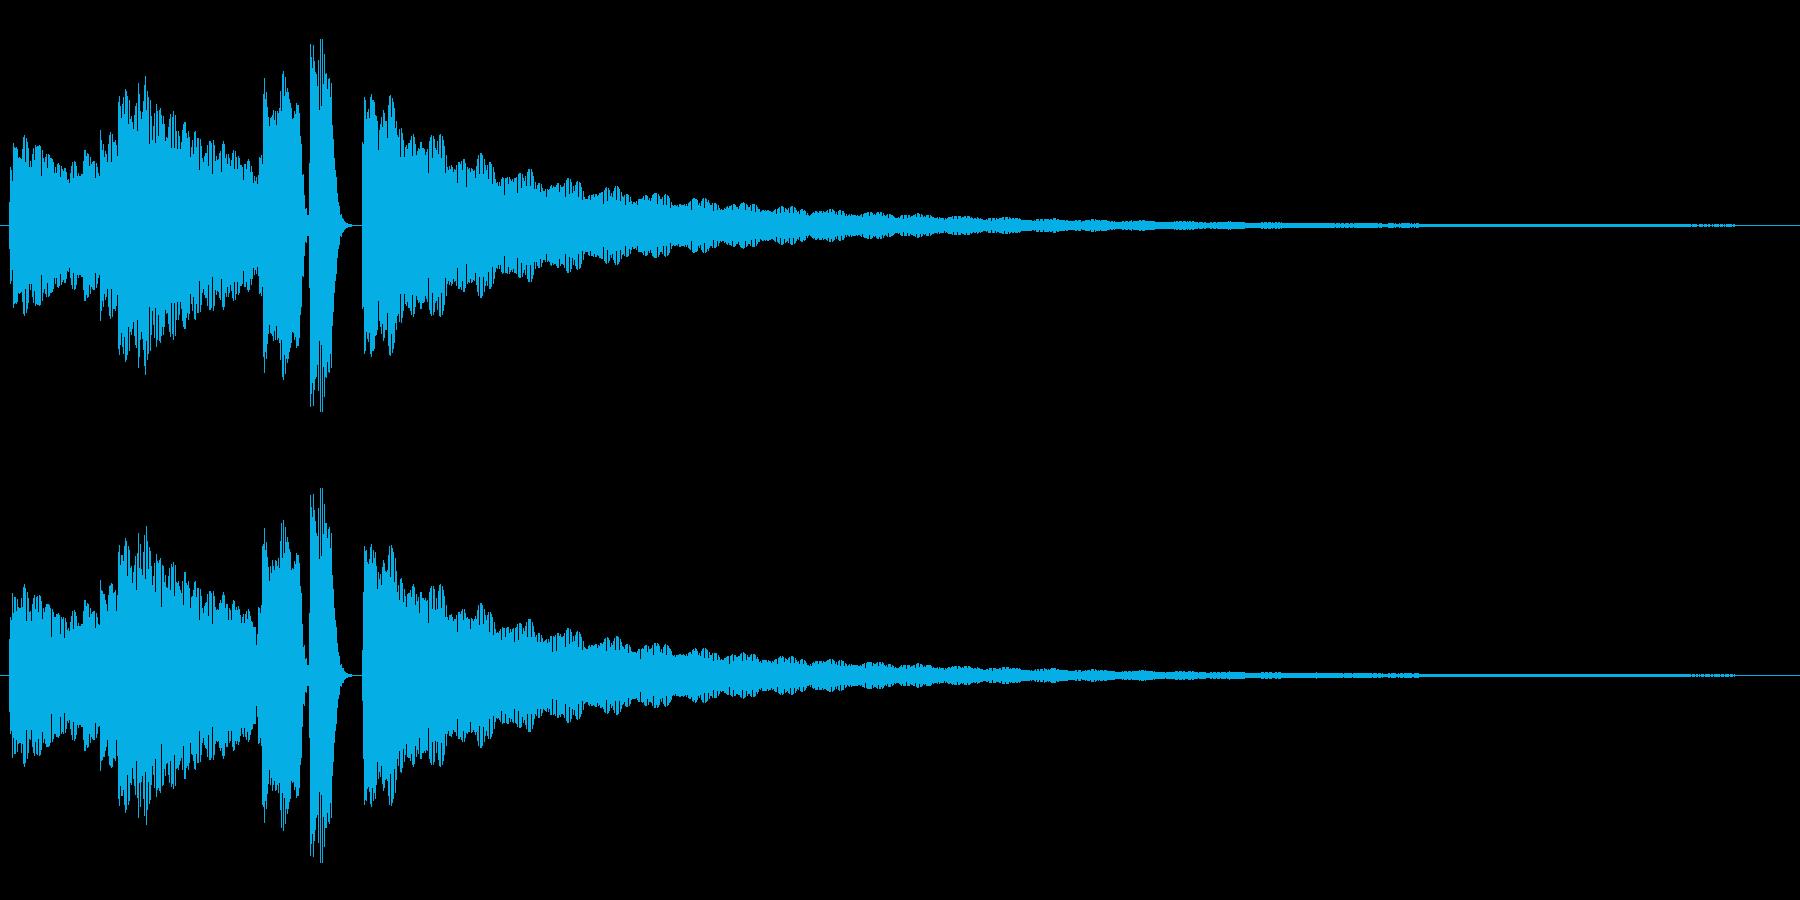 エレピによるジングル サウンドロゴの再生済みの波形